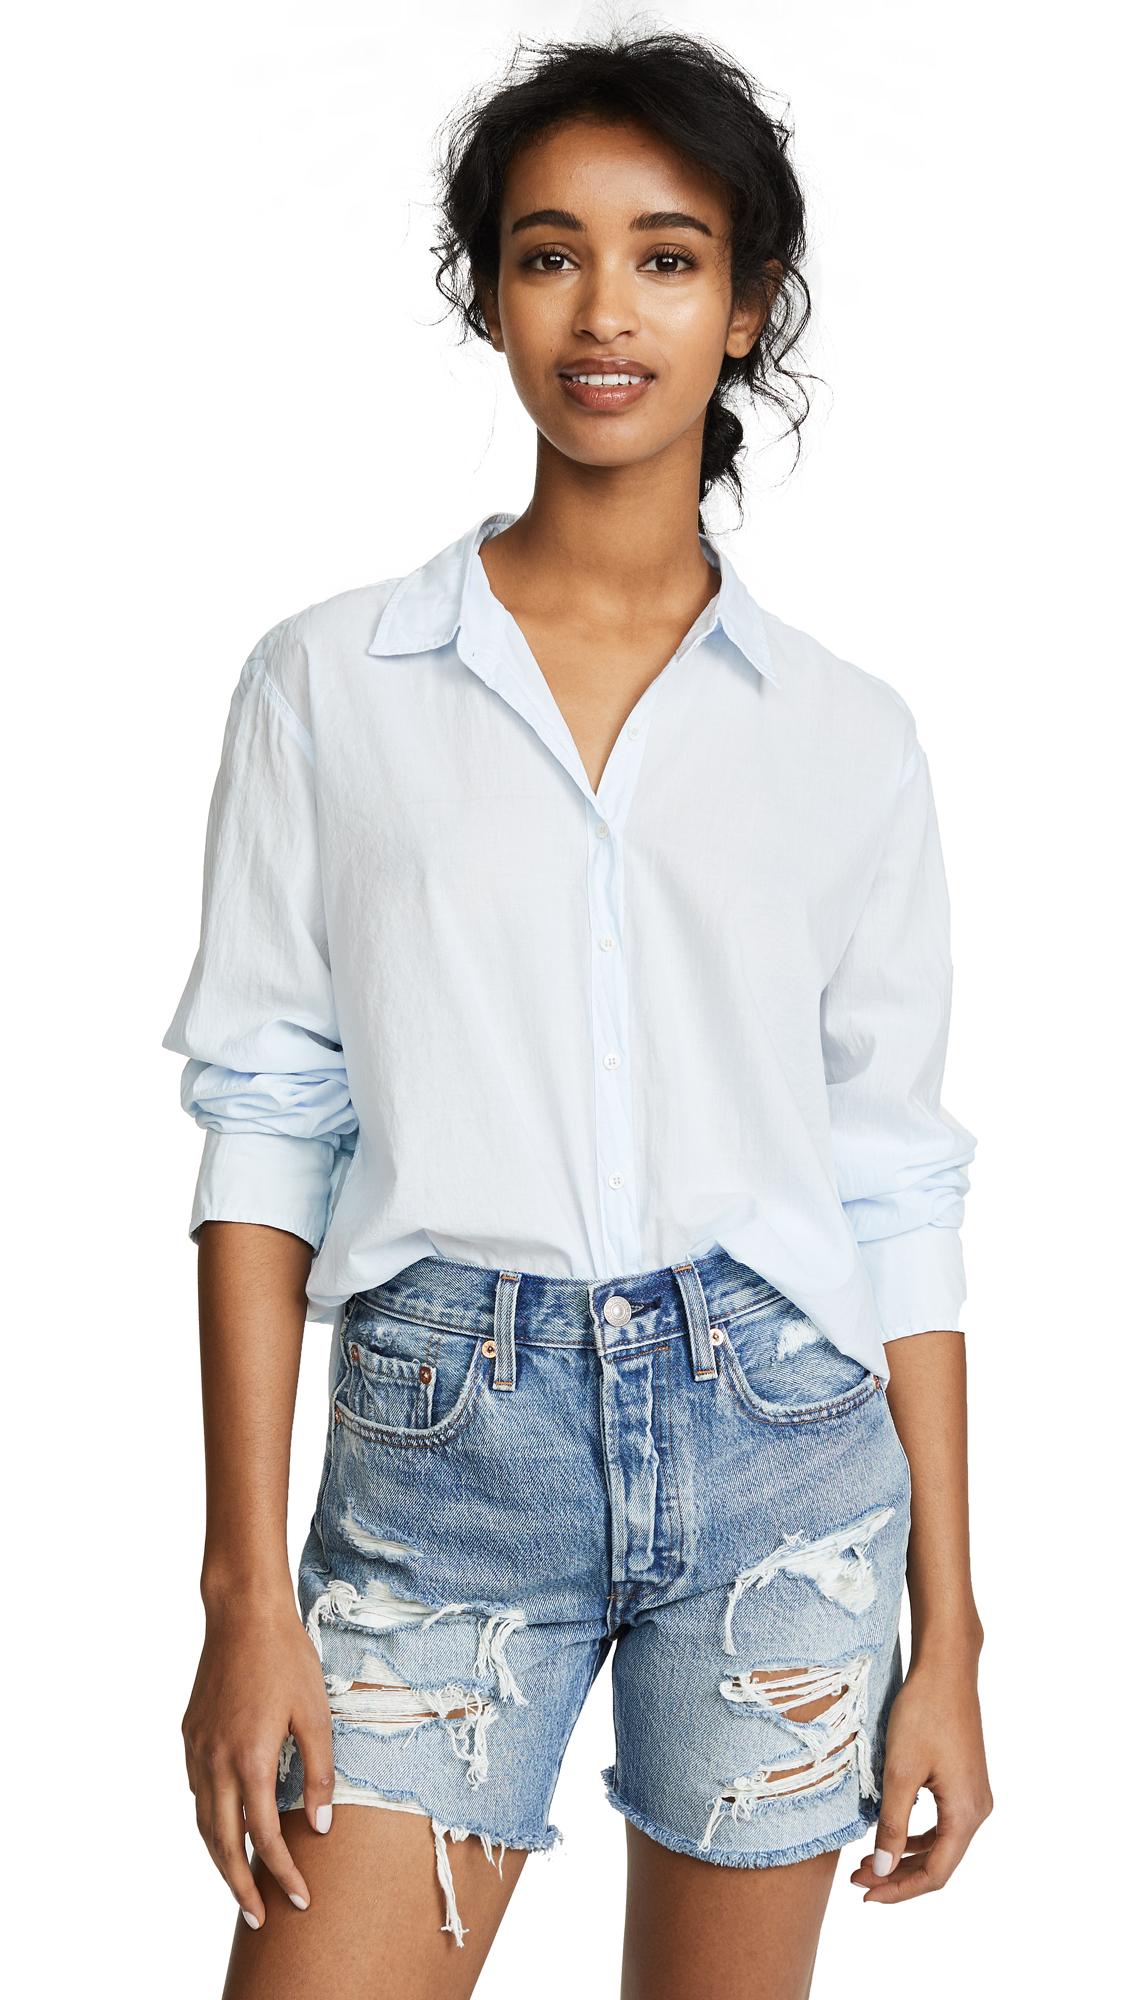 XIRENA Beau Button Down Shirt - Iris Blue